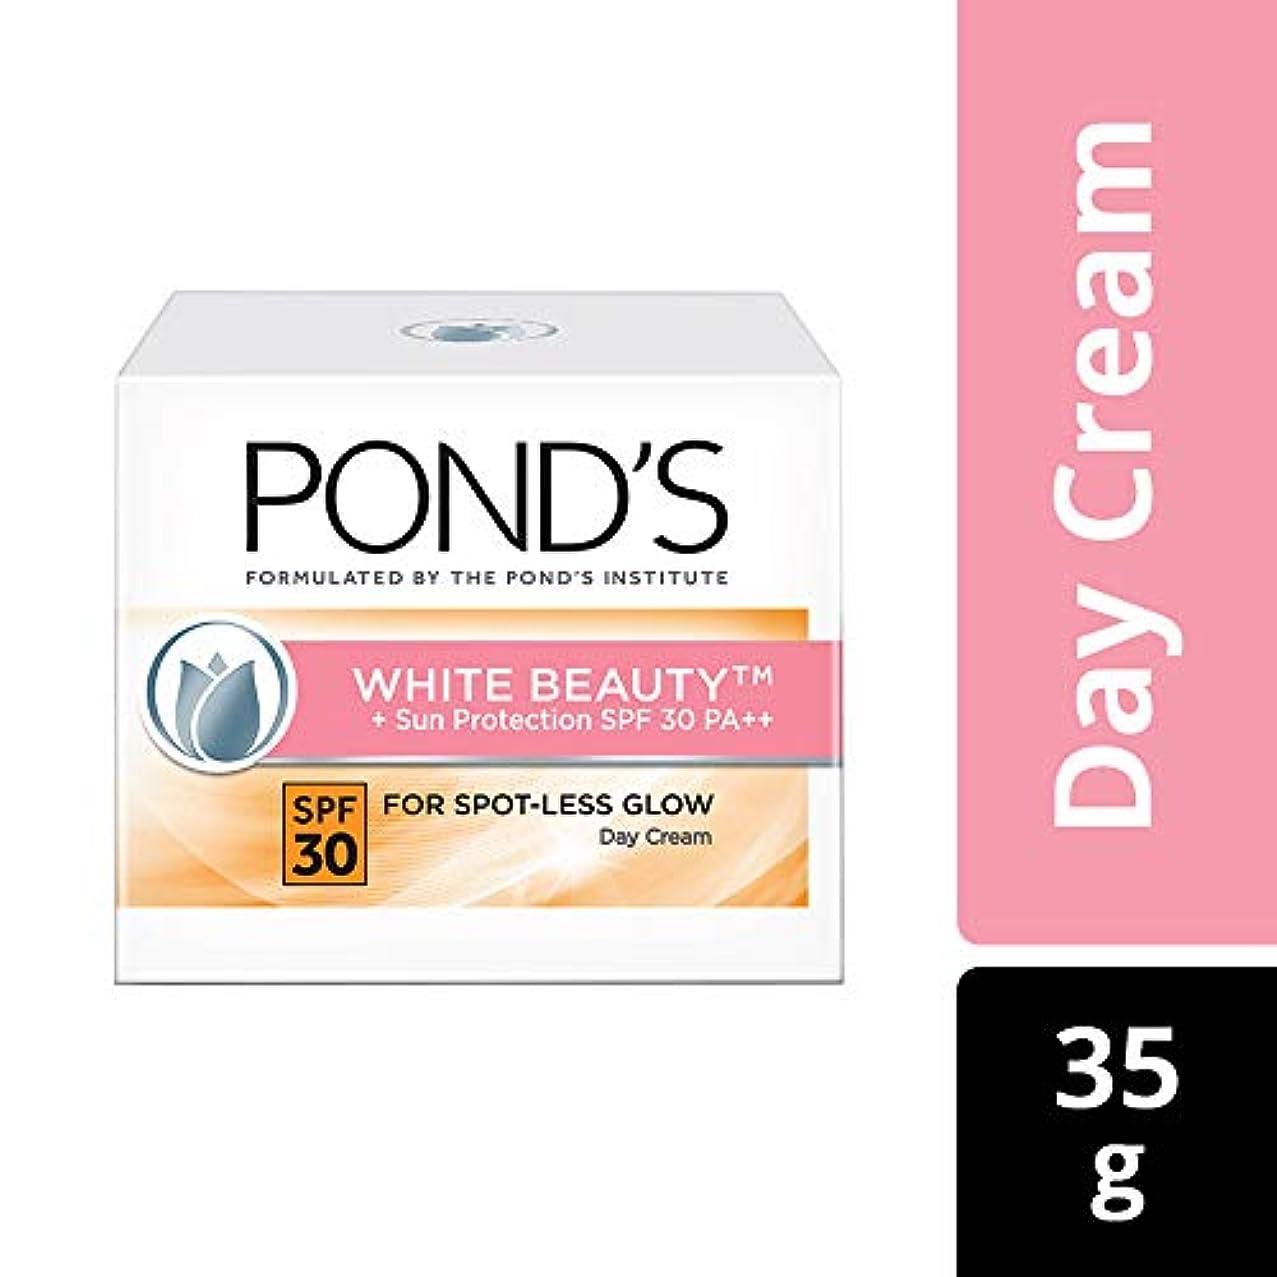 サークル恐竜束ねるPOND'S White Beauty Sun Protection SPF 30 Day Cream, 35 gms (並行インポート) India